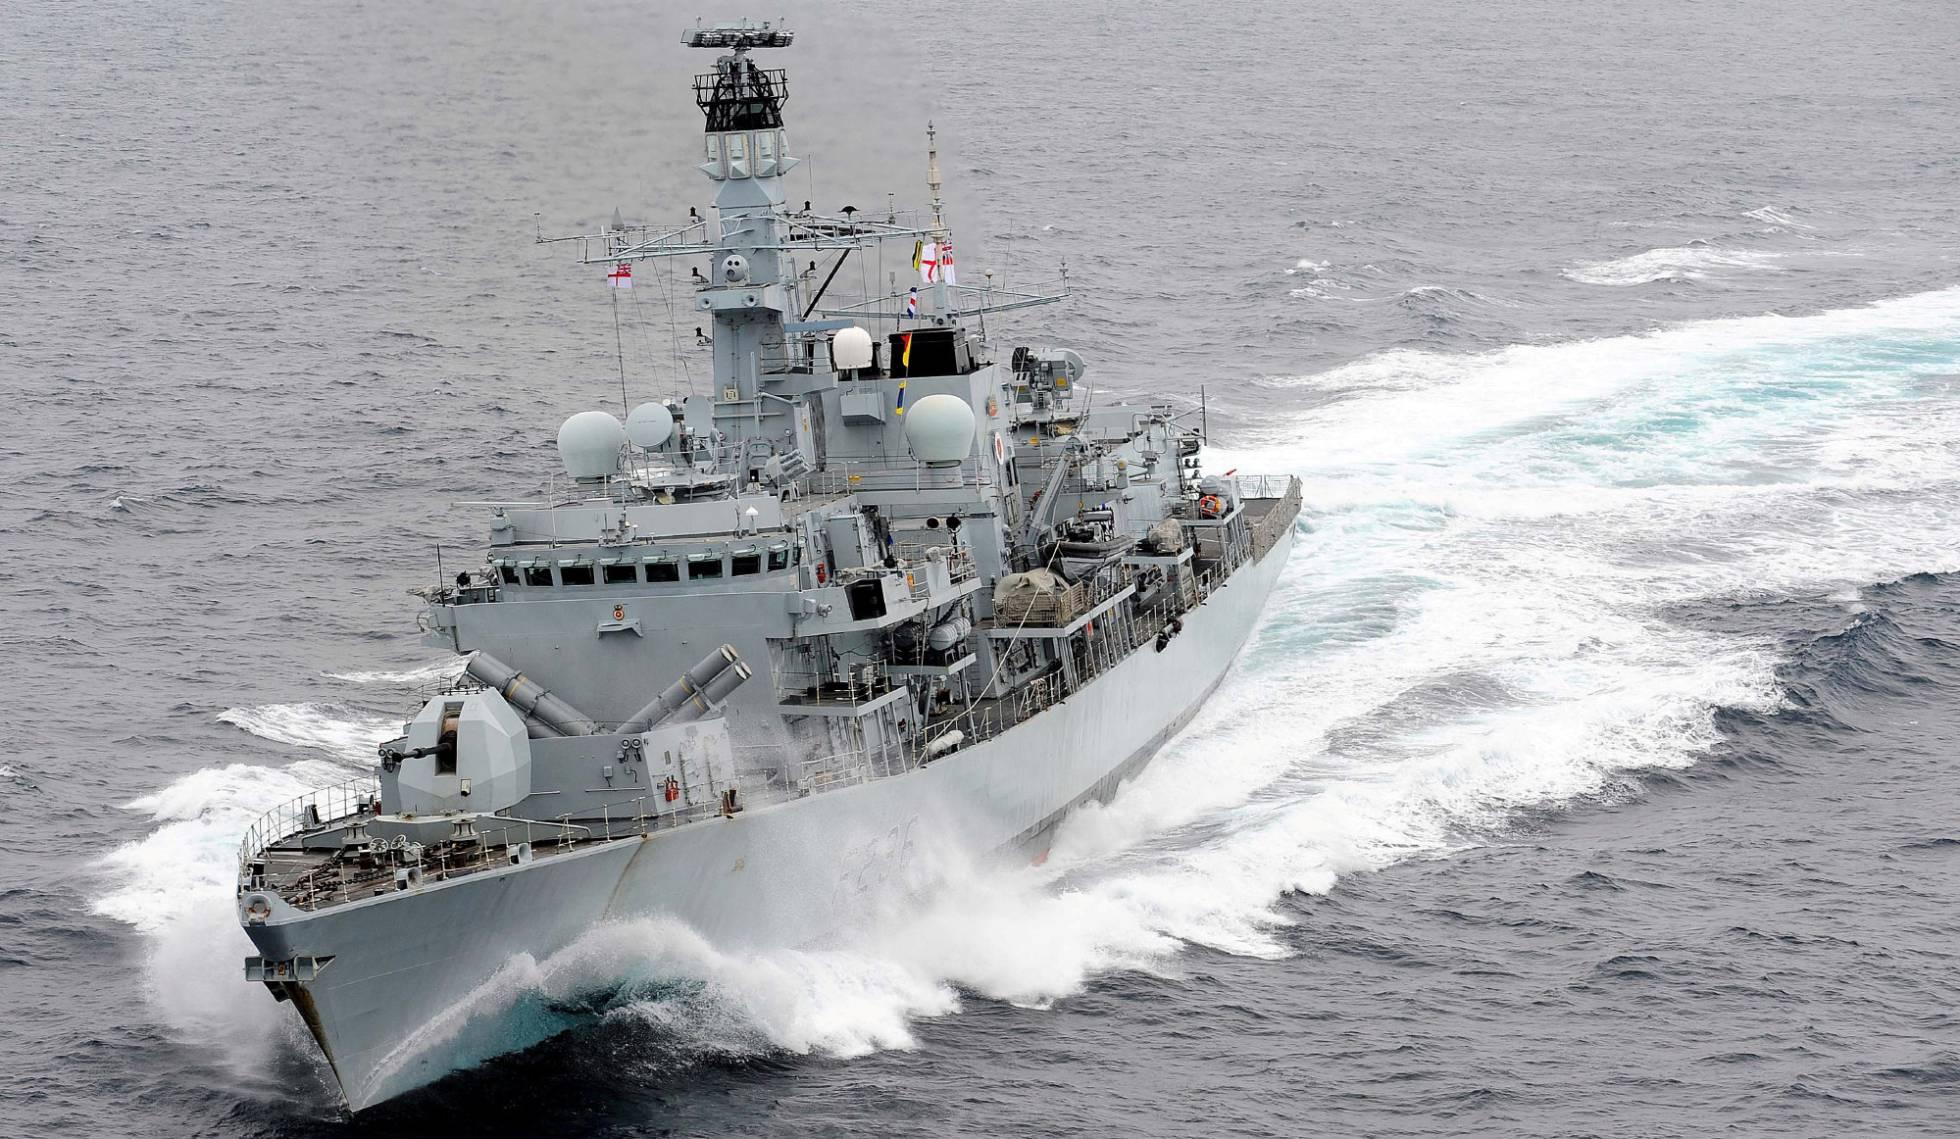 Más tensión entre el Reino Unido e Irán por un buque